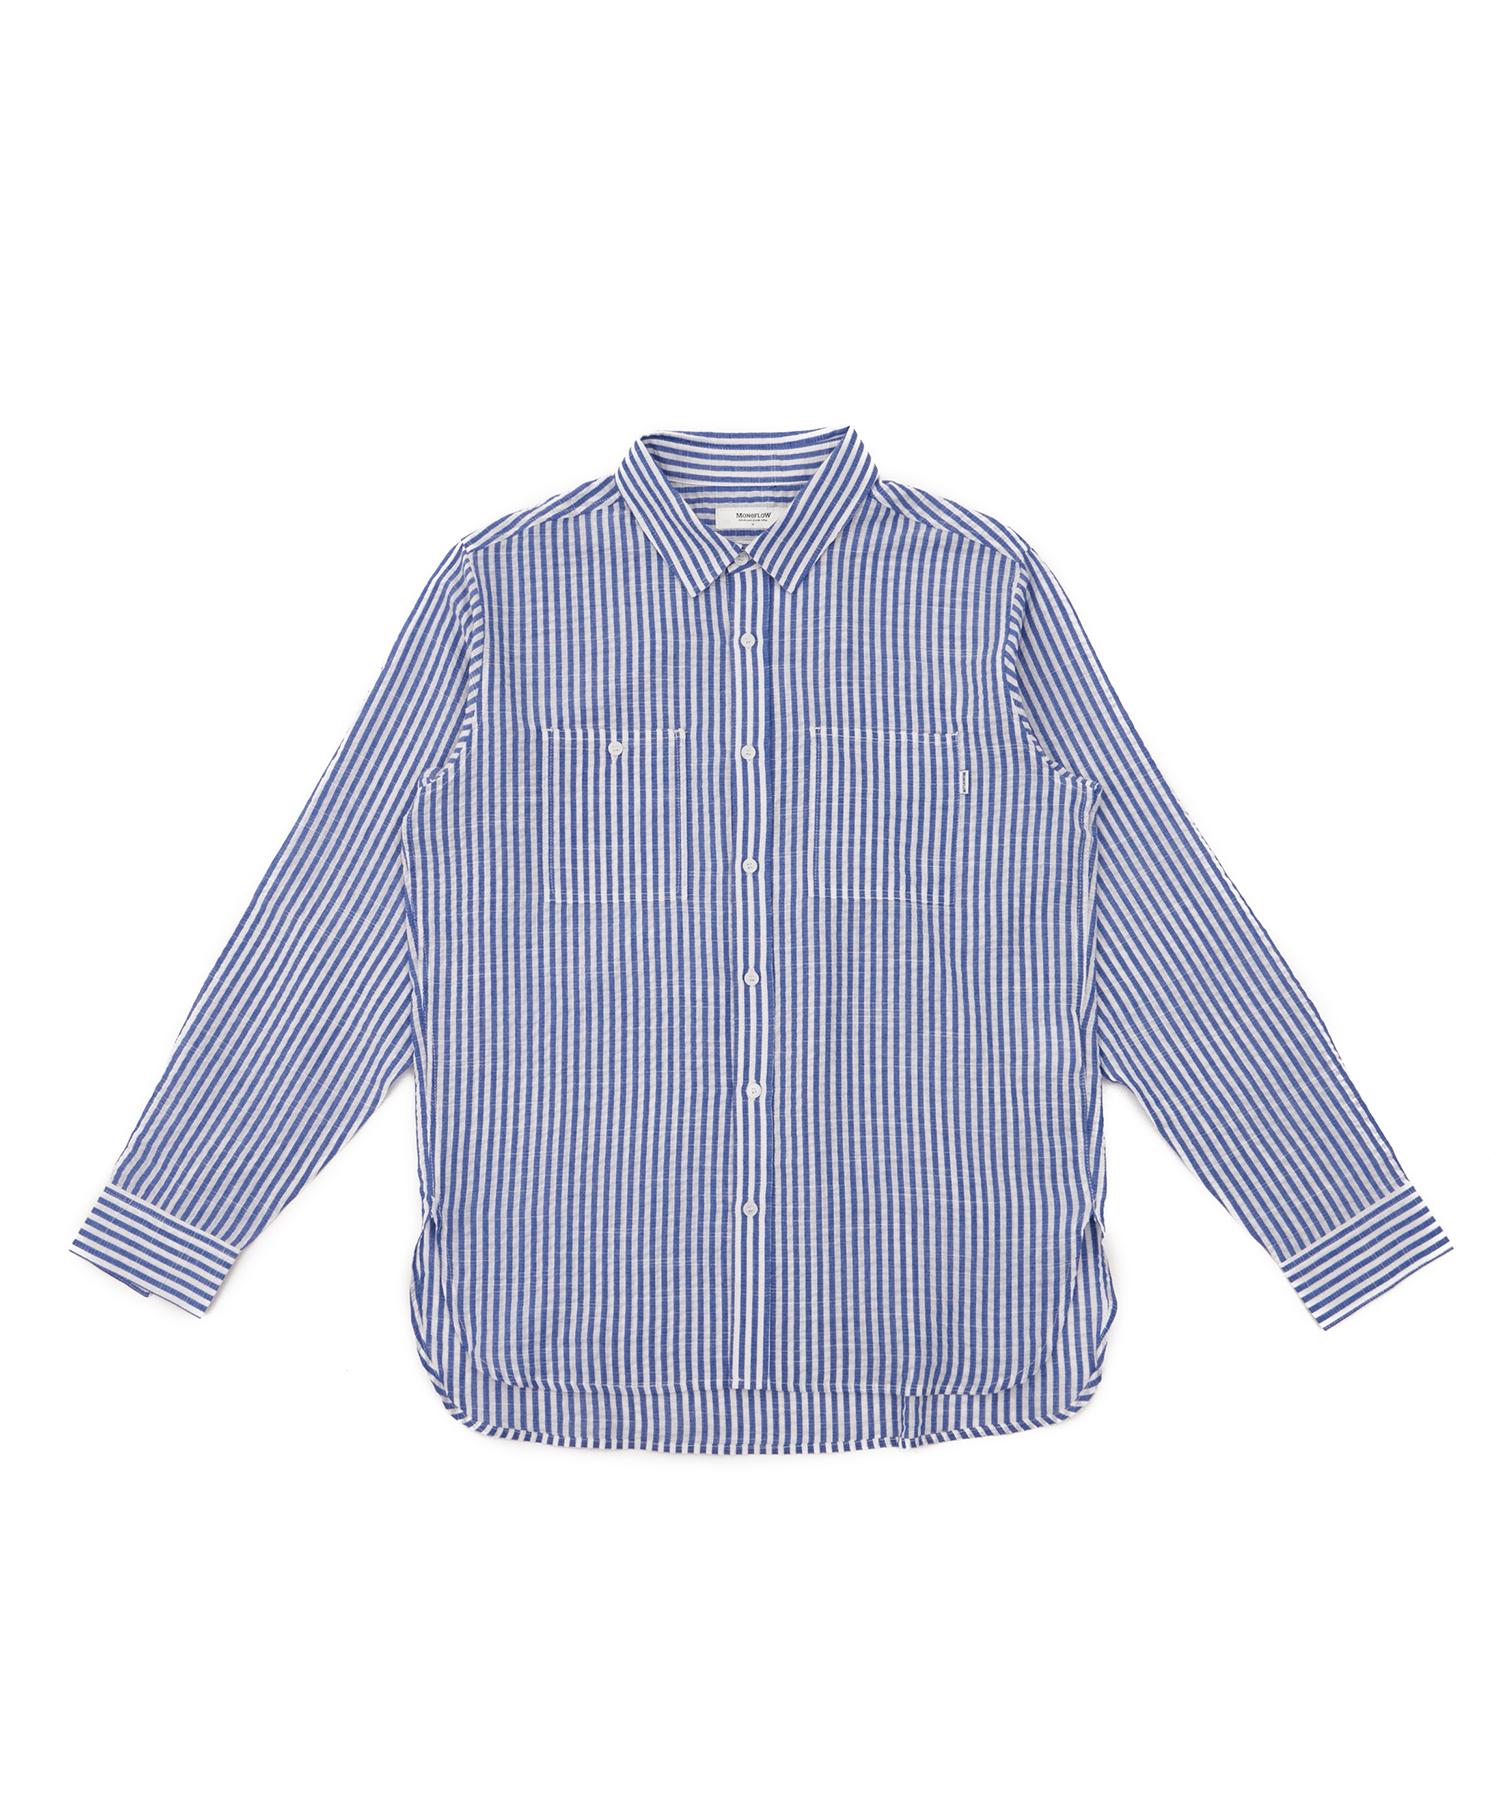 모노플로우 베이직 스트라이프 린넨 셔츠 BASIC STRIPE LINEN SH